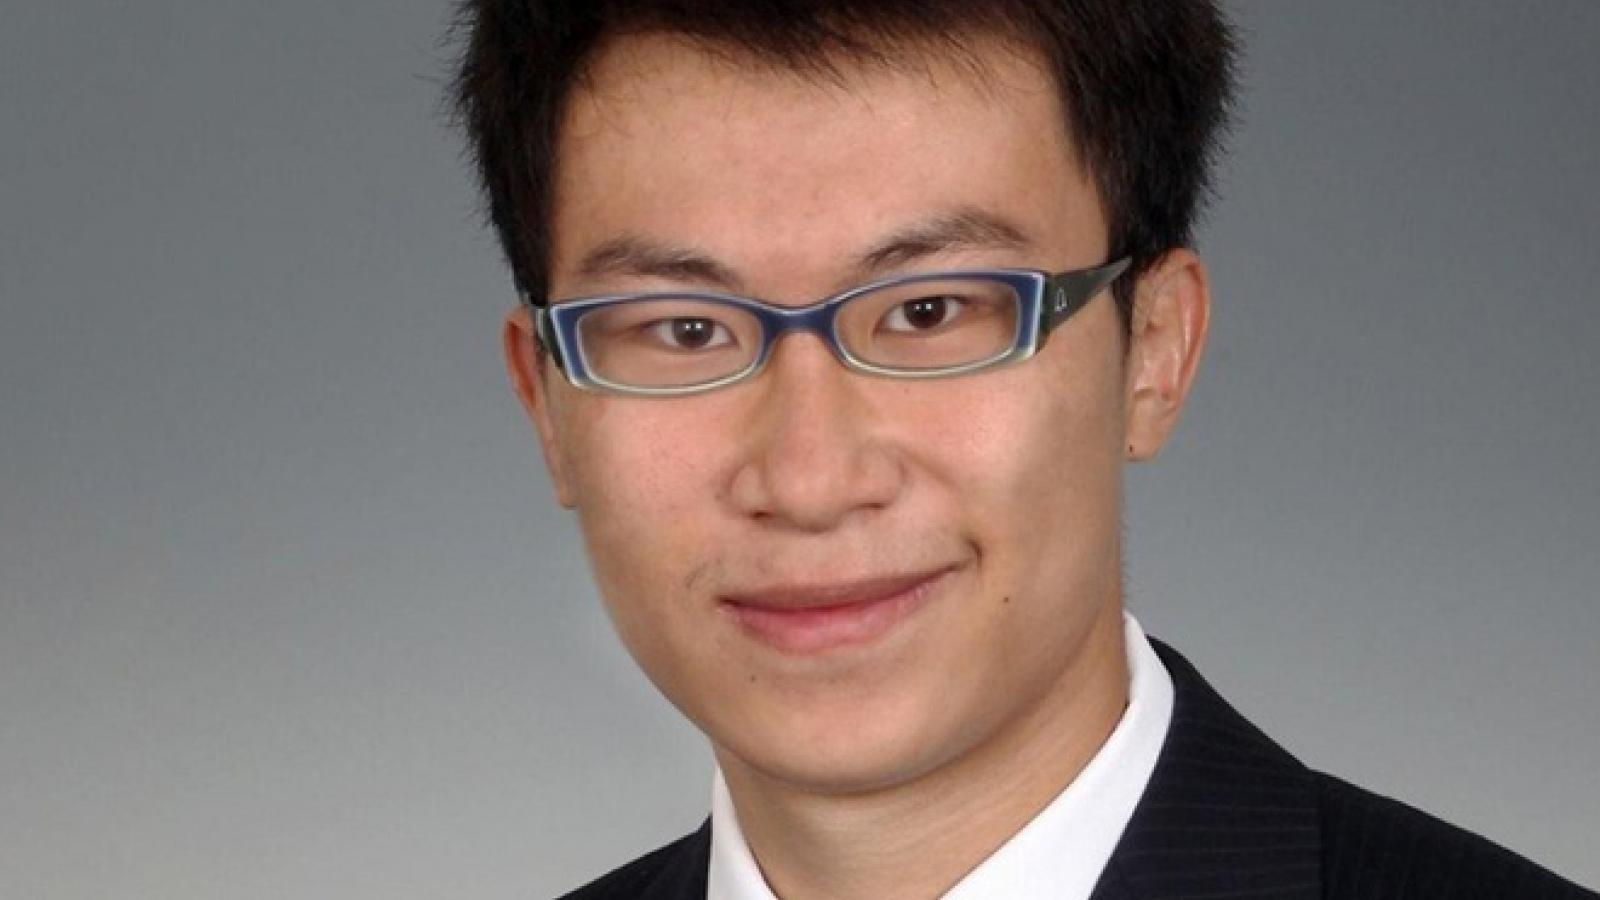 Nghiên cứu sinh Trung Quốc bị sát hại trong vụ xả súng ở Chicago, Mỹ